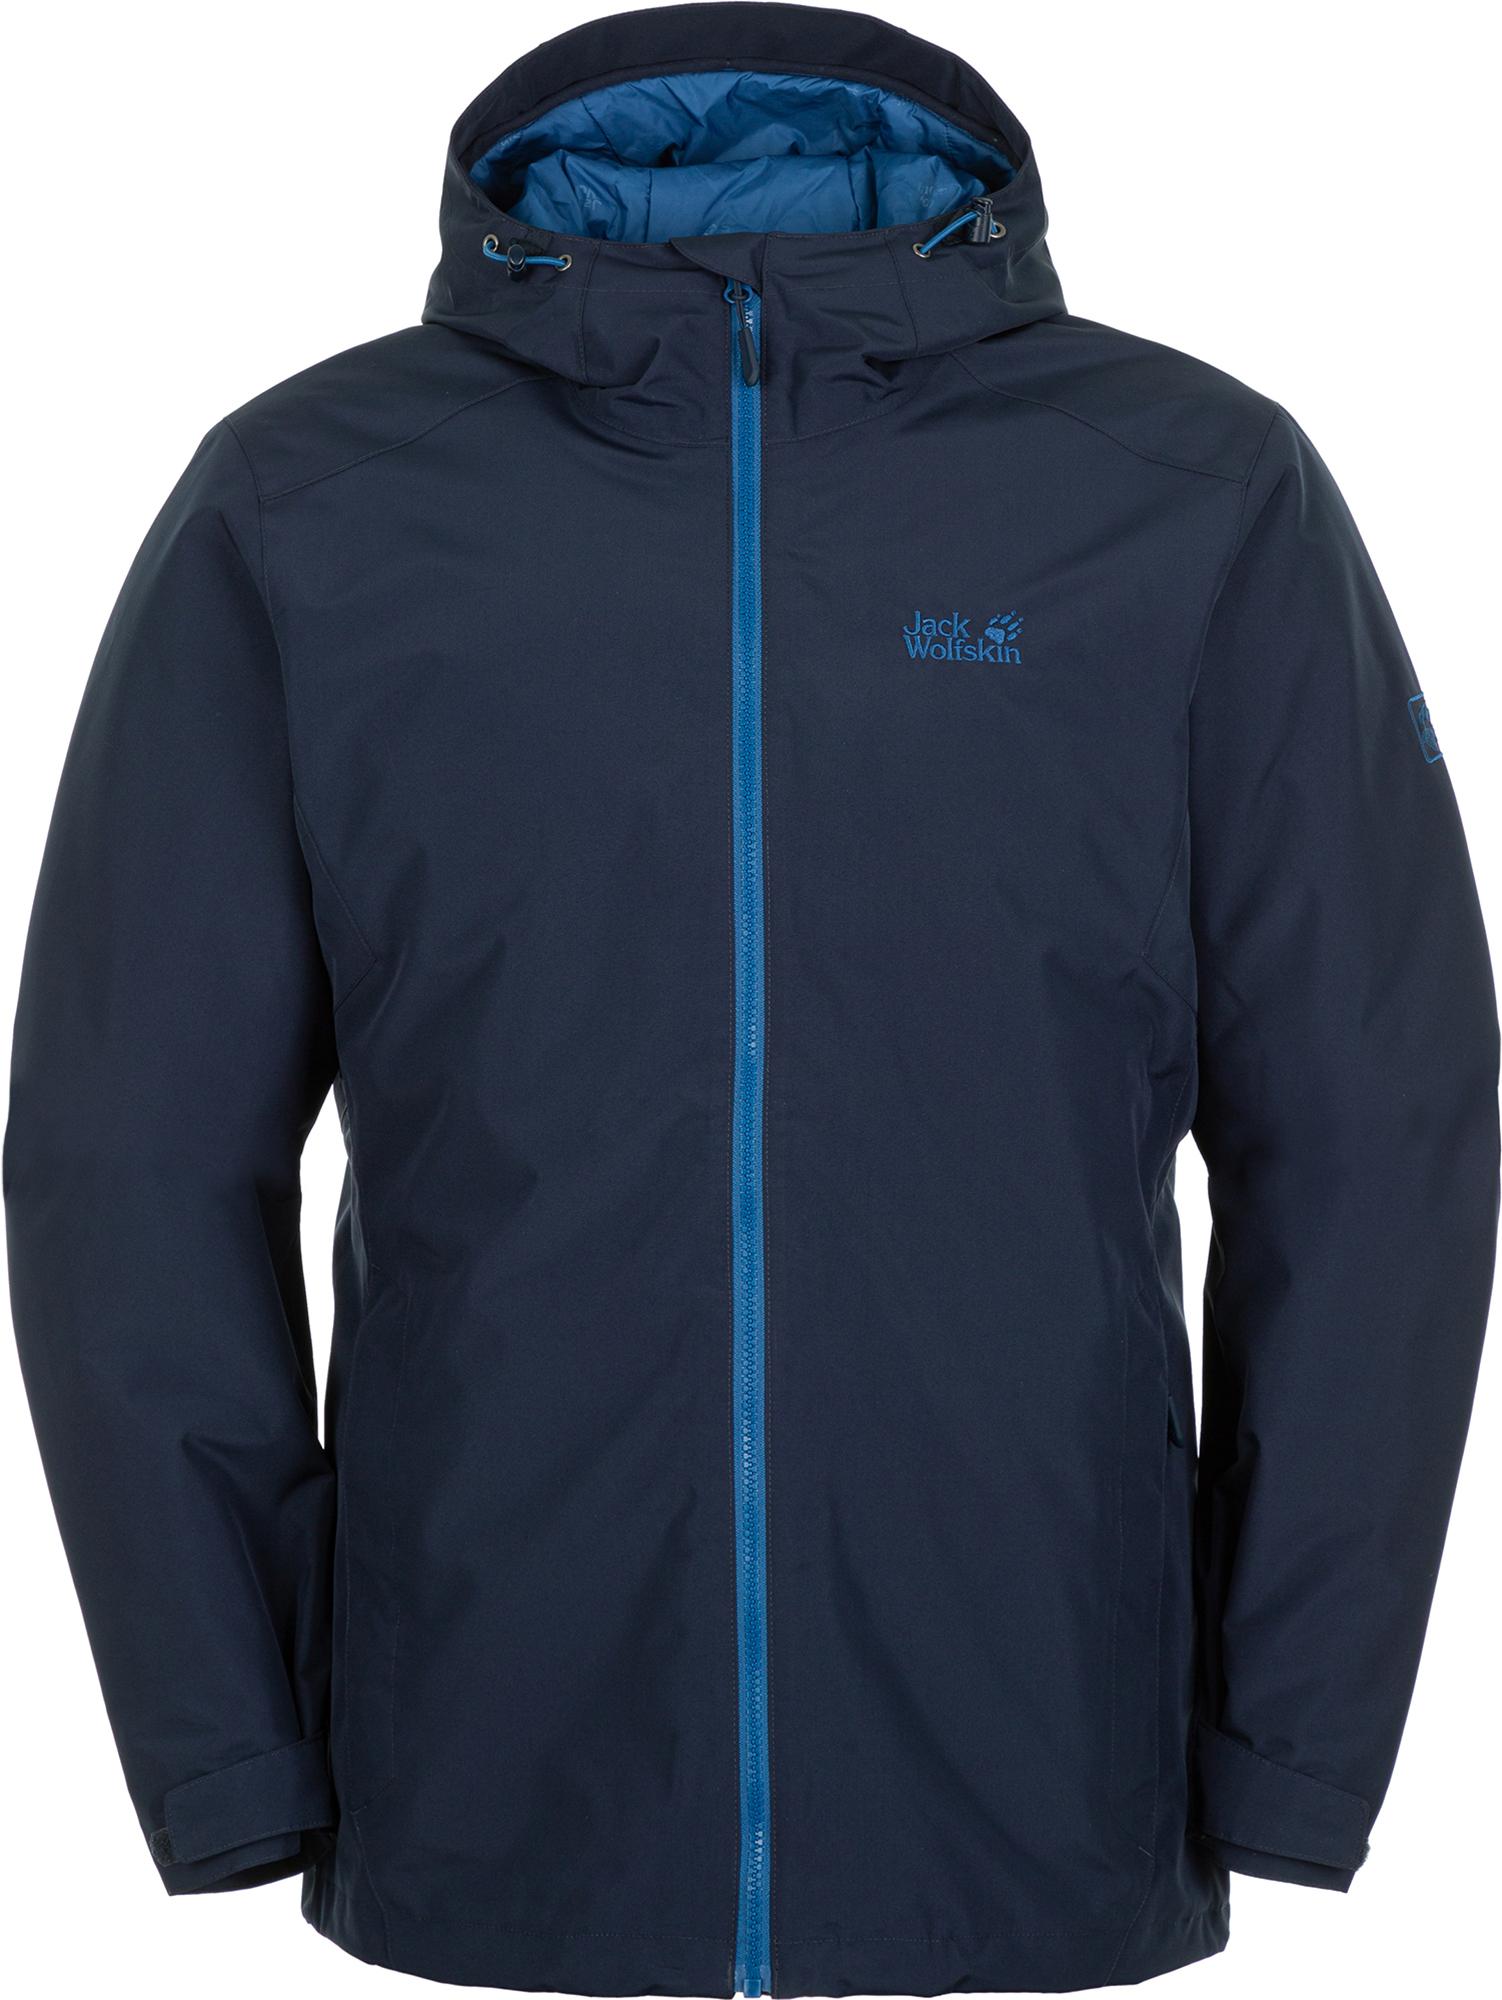 Jack Wolfskin Куртка утепленная мужская Chilly Morning, размер 58